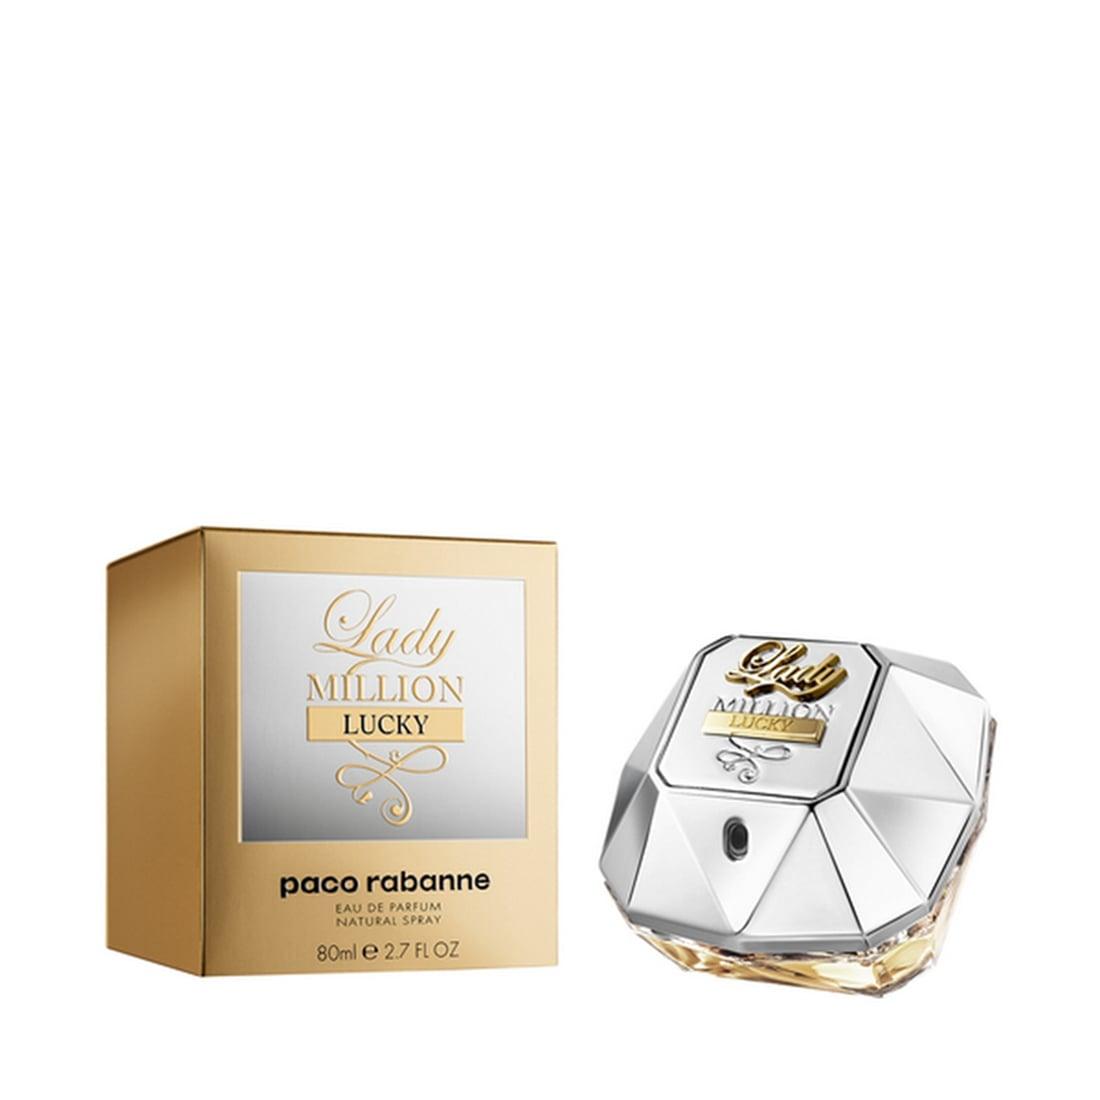 Lady Million Lucky Eau de Parfum 80ml